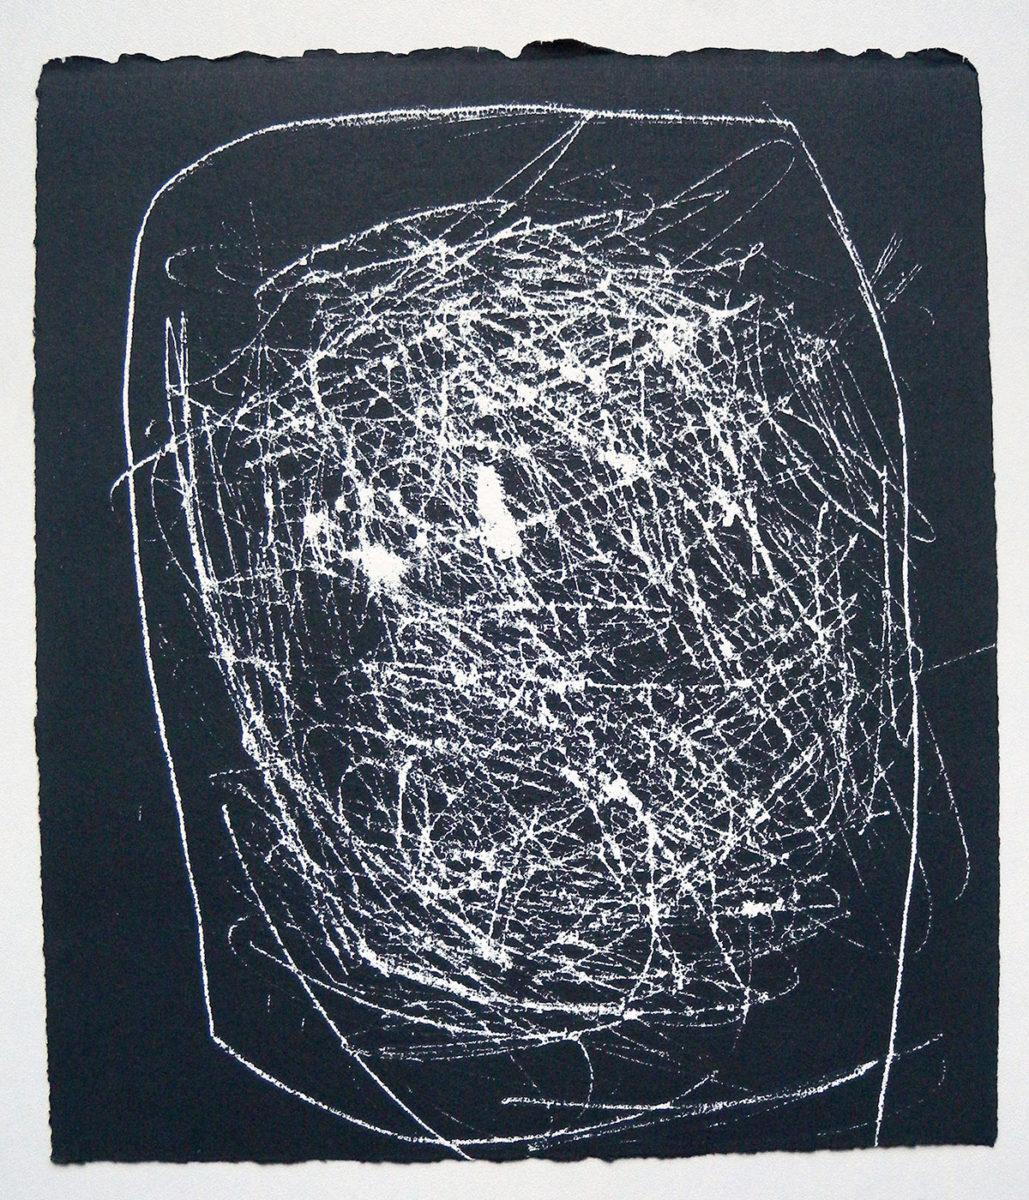 MARC FELD 2012 SONG FOR STEVE LACY 5 Gravure sur bois encre sur papier 25 x 26 cm (Tirage Patrick Vernet)